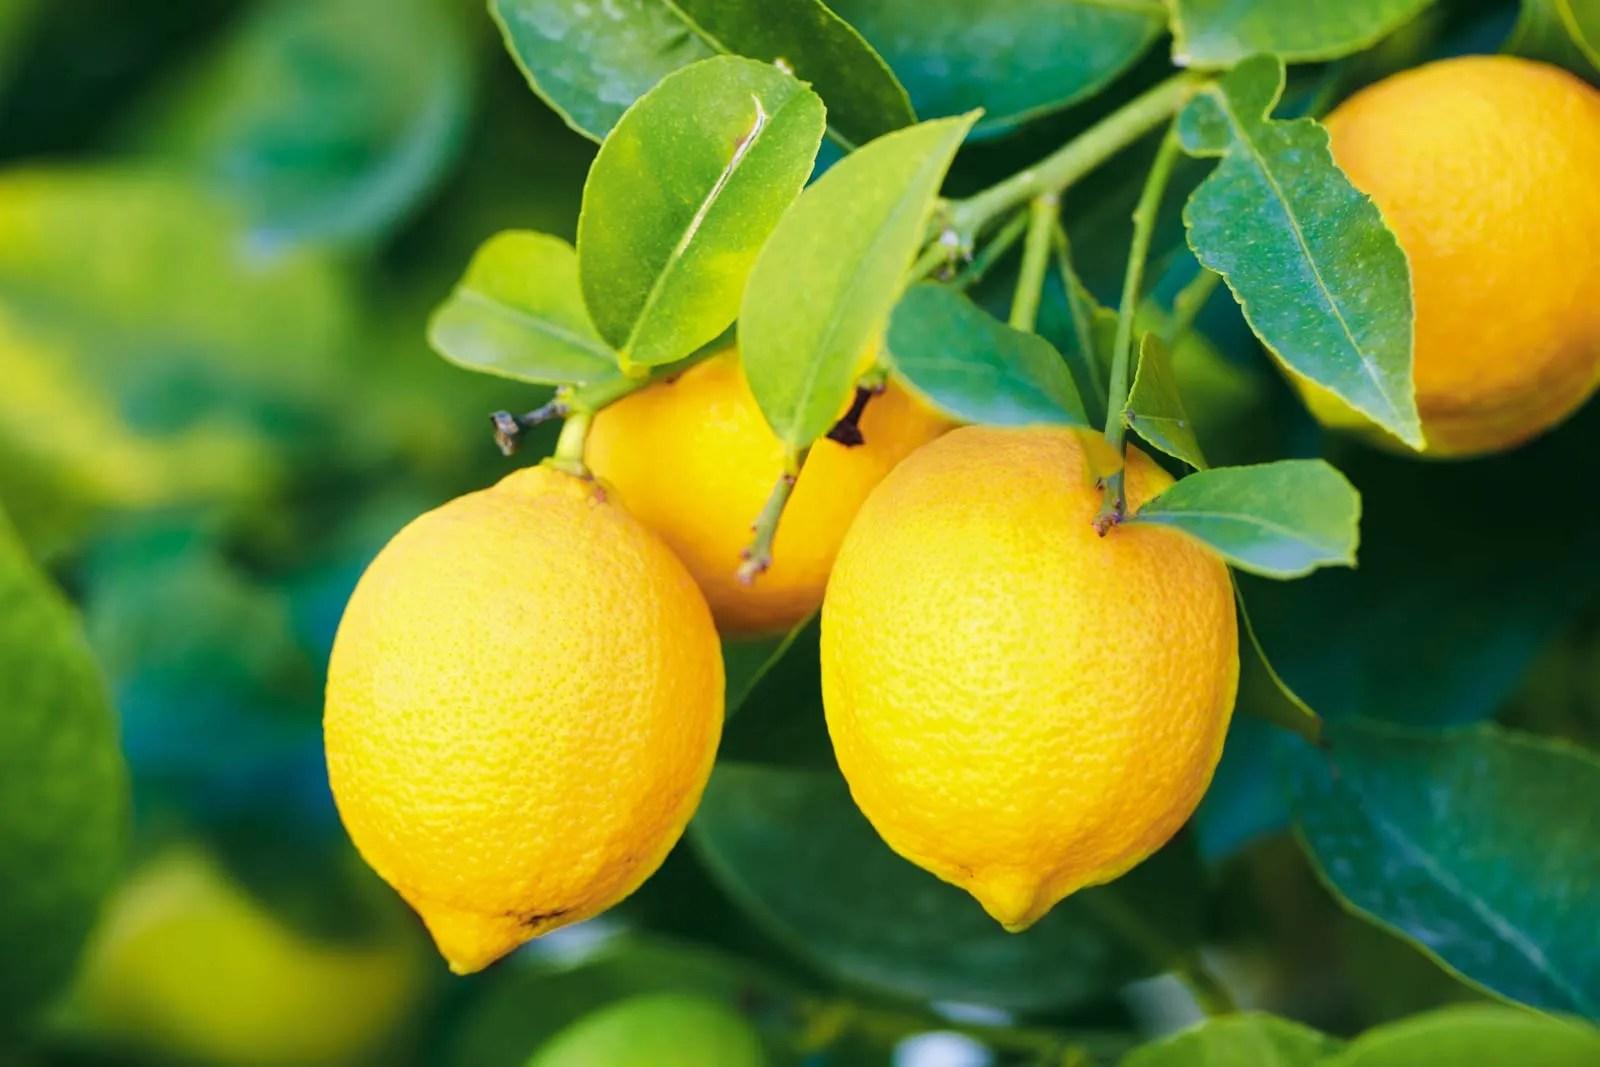 Eat Lemon - Stay Healthy - Telugu Food And DIet News